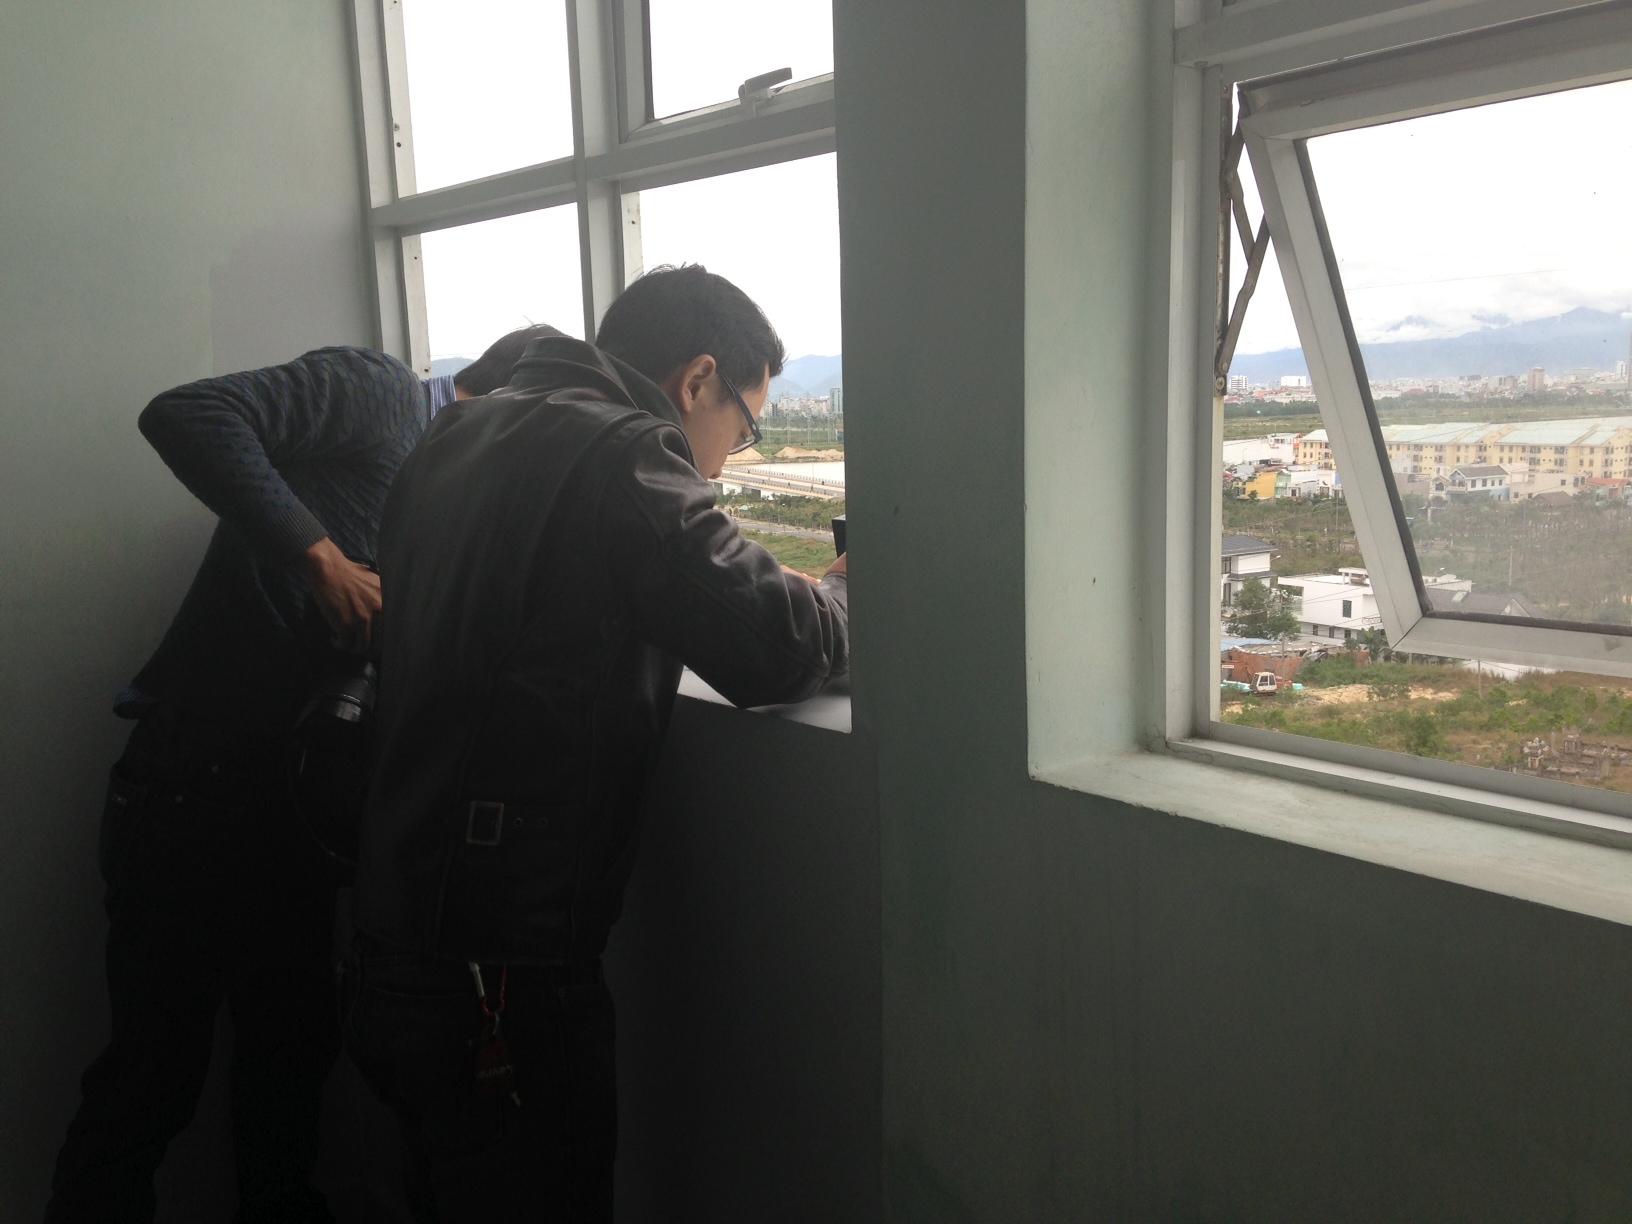 Thức leo qua cửa thông gió từ tầng 9 để tự tử